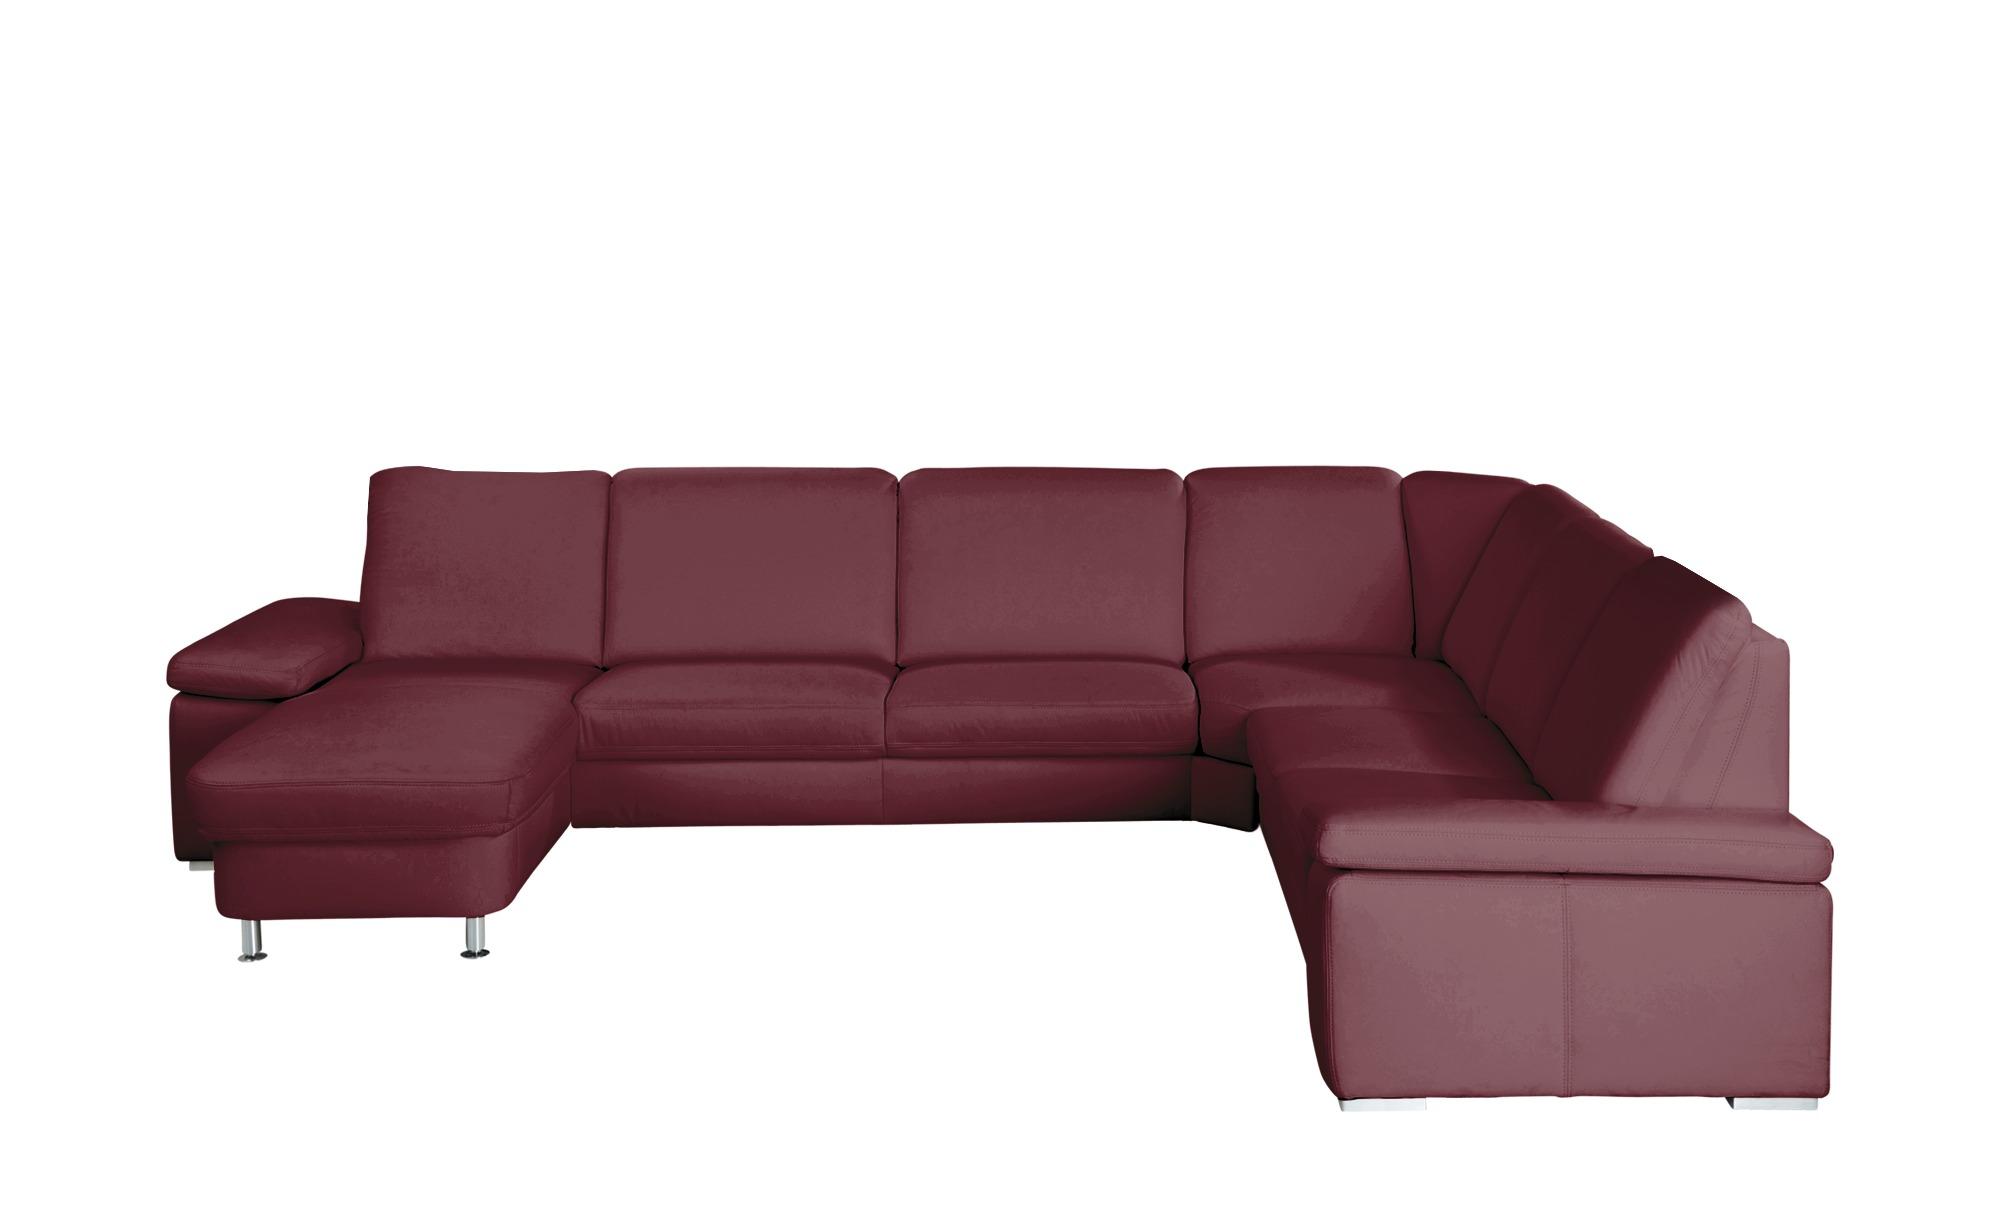 Wohnlandschaft Bordeaux Leder Elsa Wohnlandschaft Couch Gunstig Und Couch Mobel